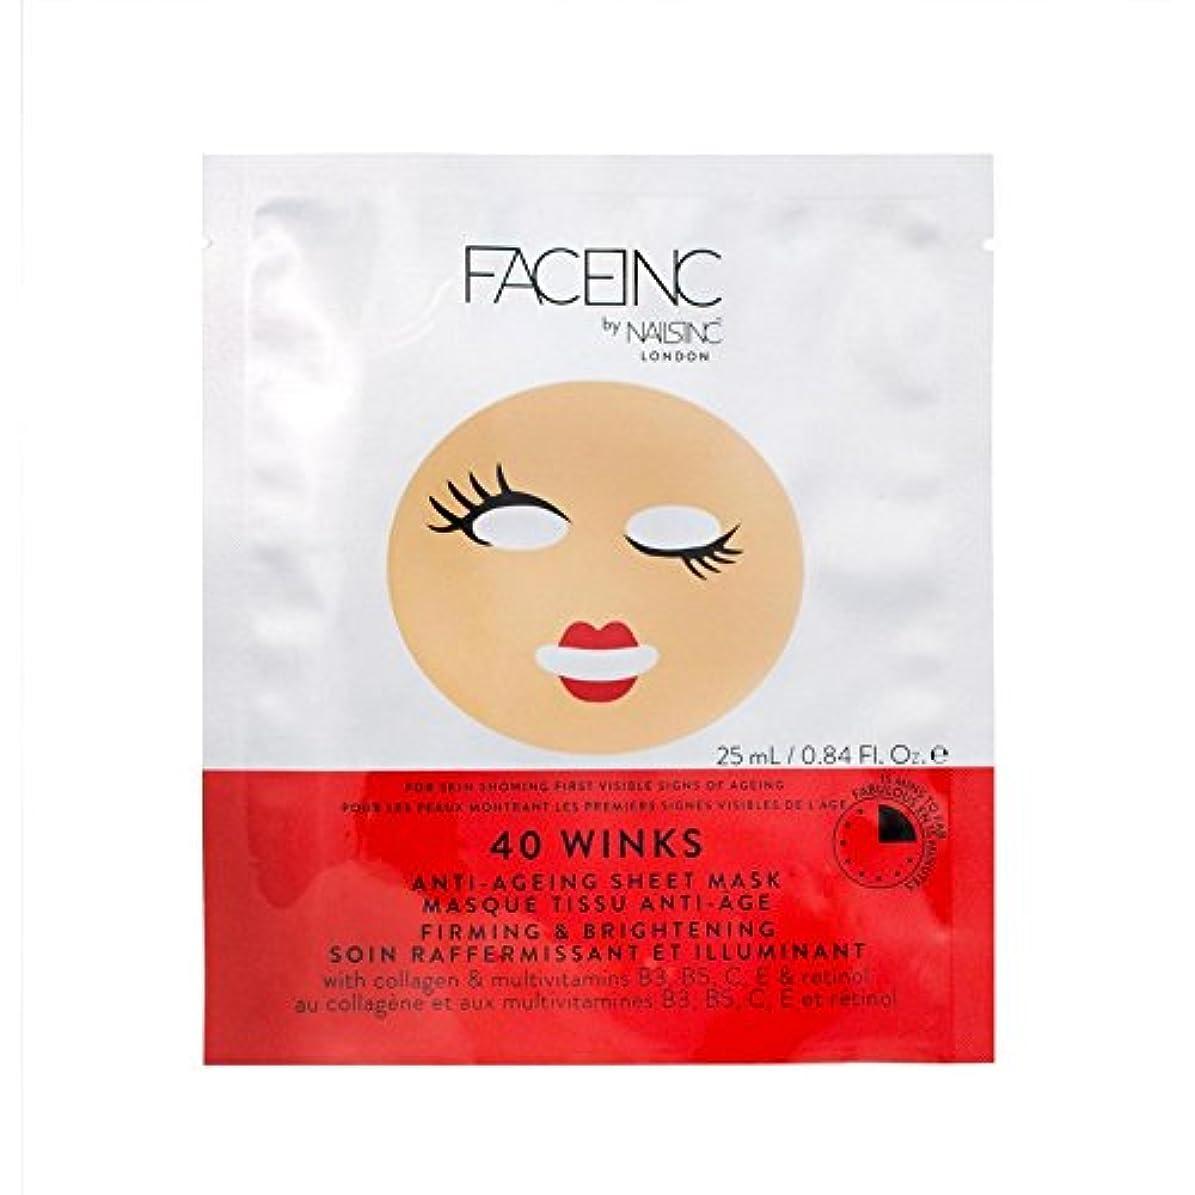 許容できる痛い着飾る爪が株式会社顔株式会社40のウィンクは、マスク x2 - Nails Inc. Face Inc 40 Winks Mask (Pack of 2) [並行輸入品]